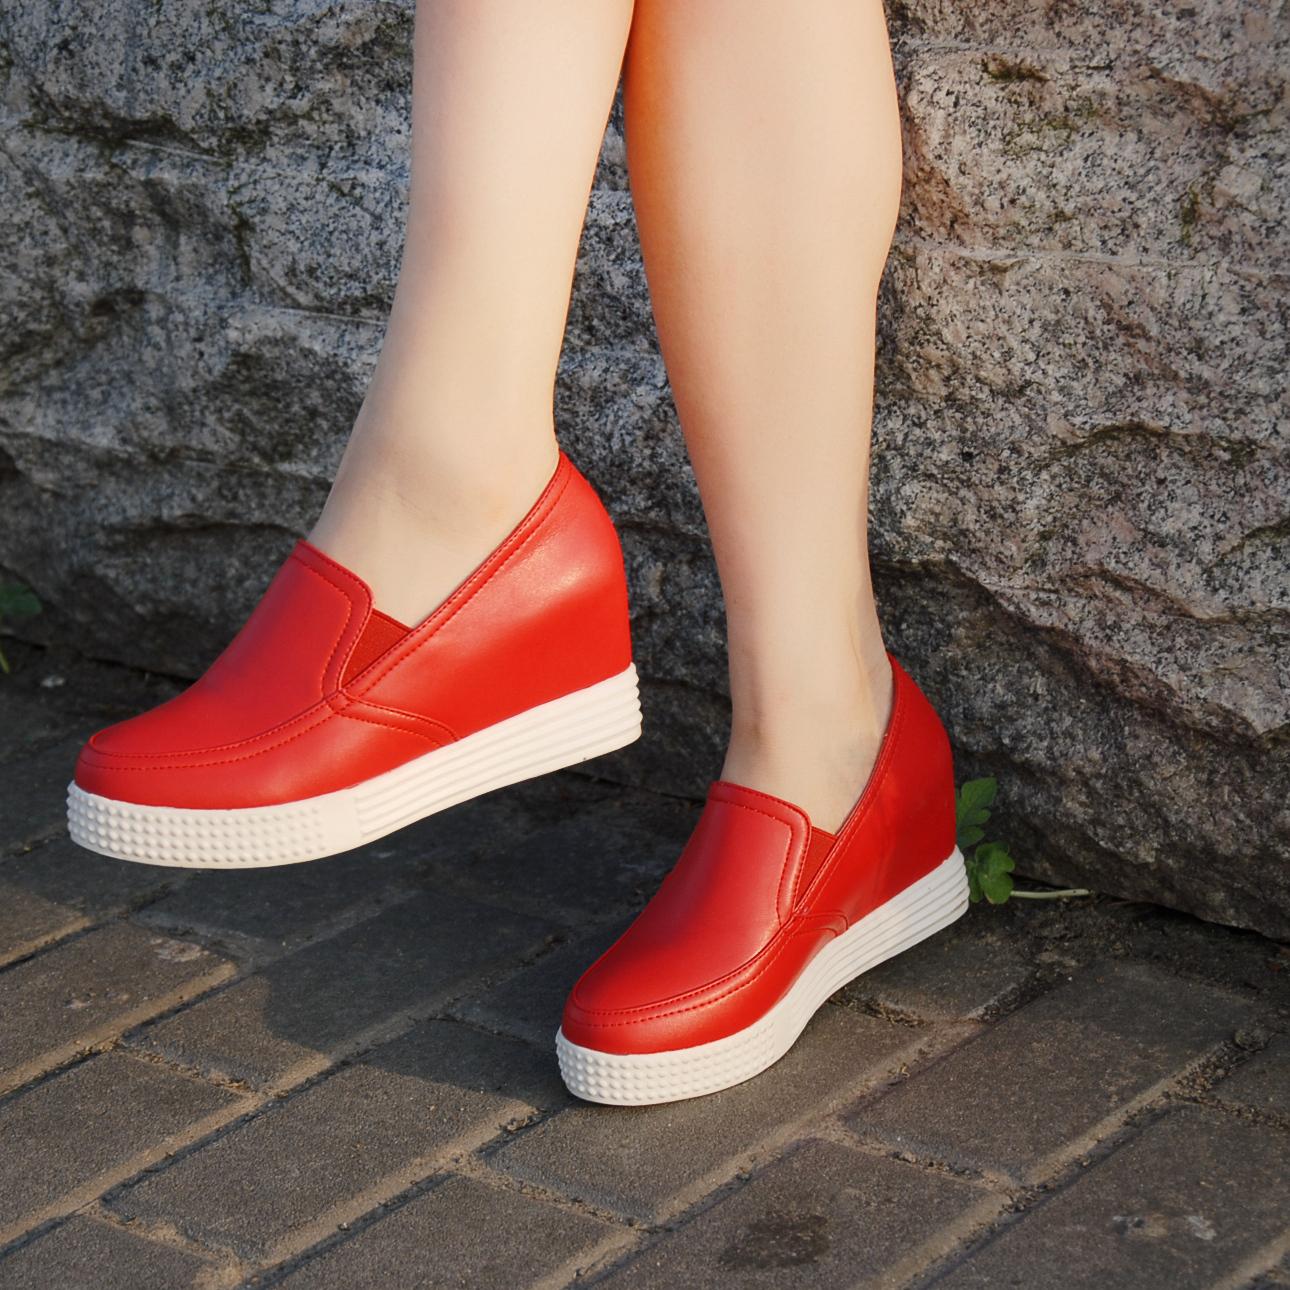 红色厚底鞋 【天天特价】内增高小码红色乐福鞋女高跟松糕厚底圆头休闲鞋单鞋_推荐淘宝好看的红色厚底鞋